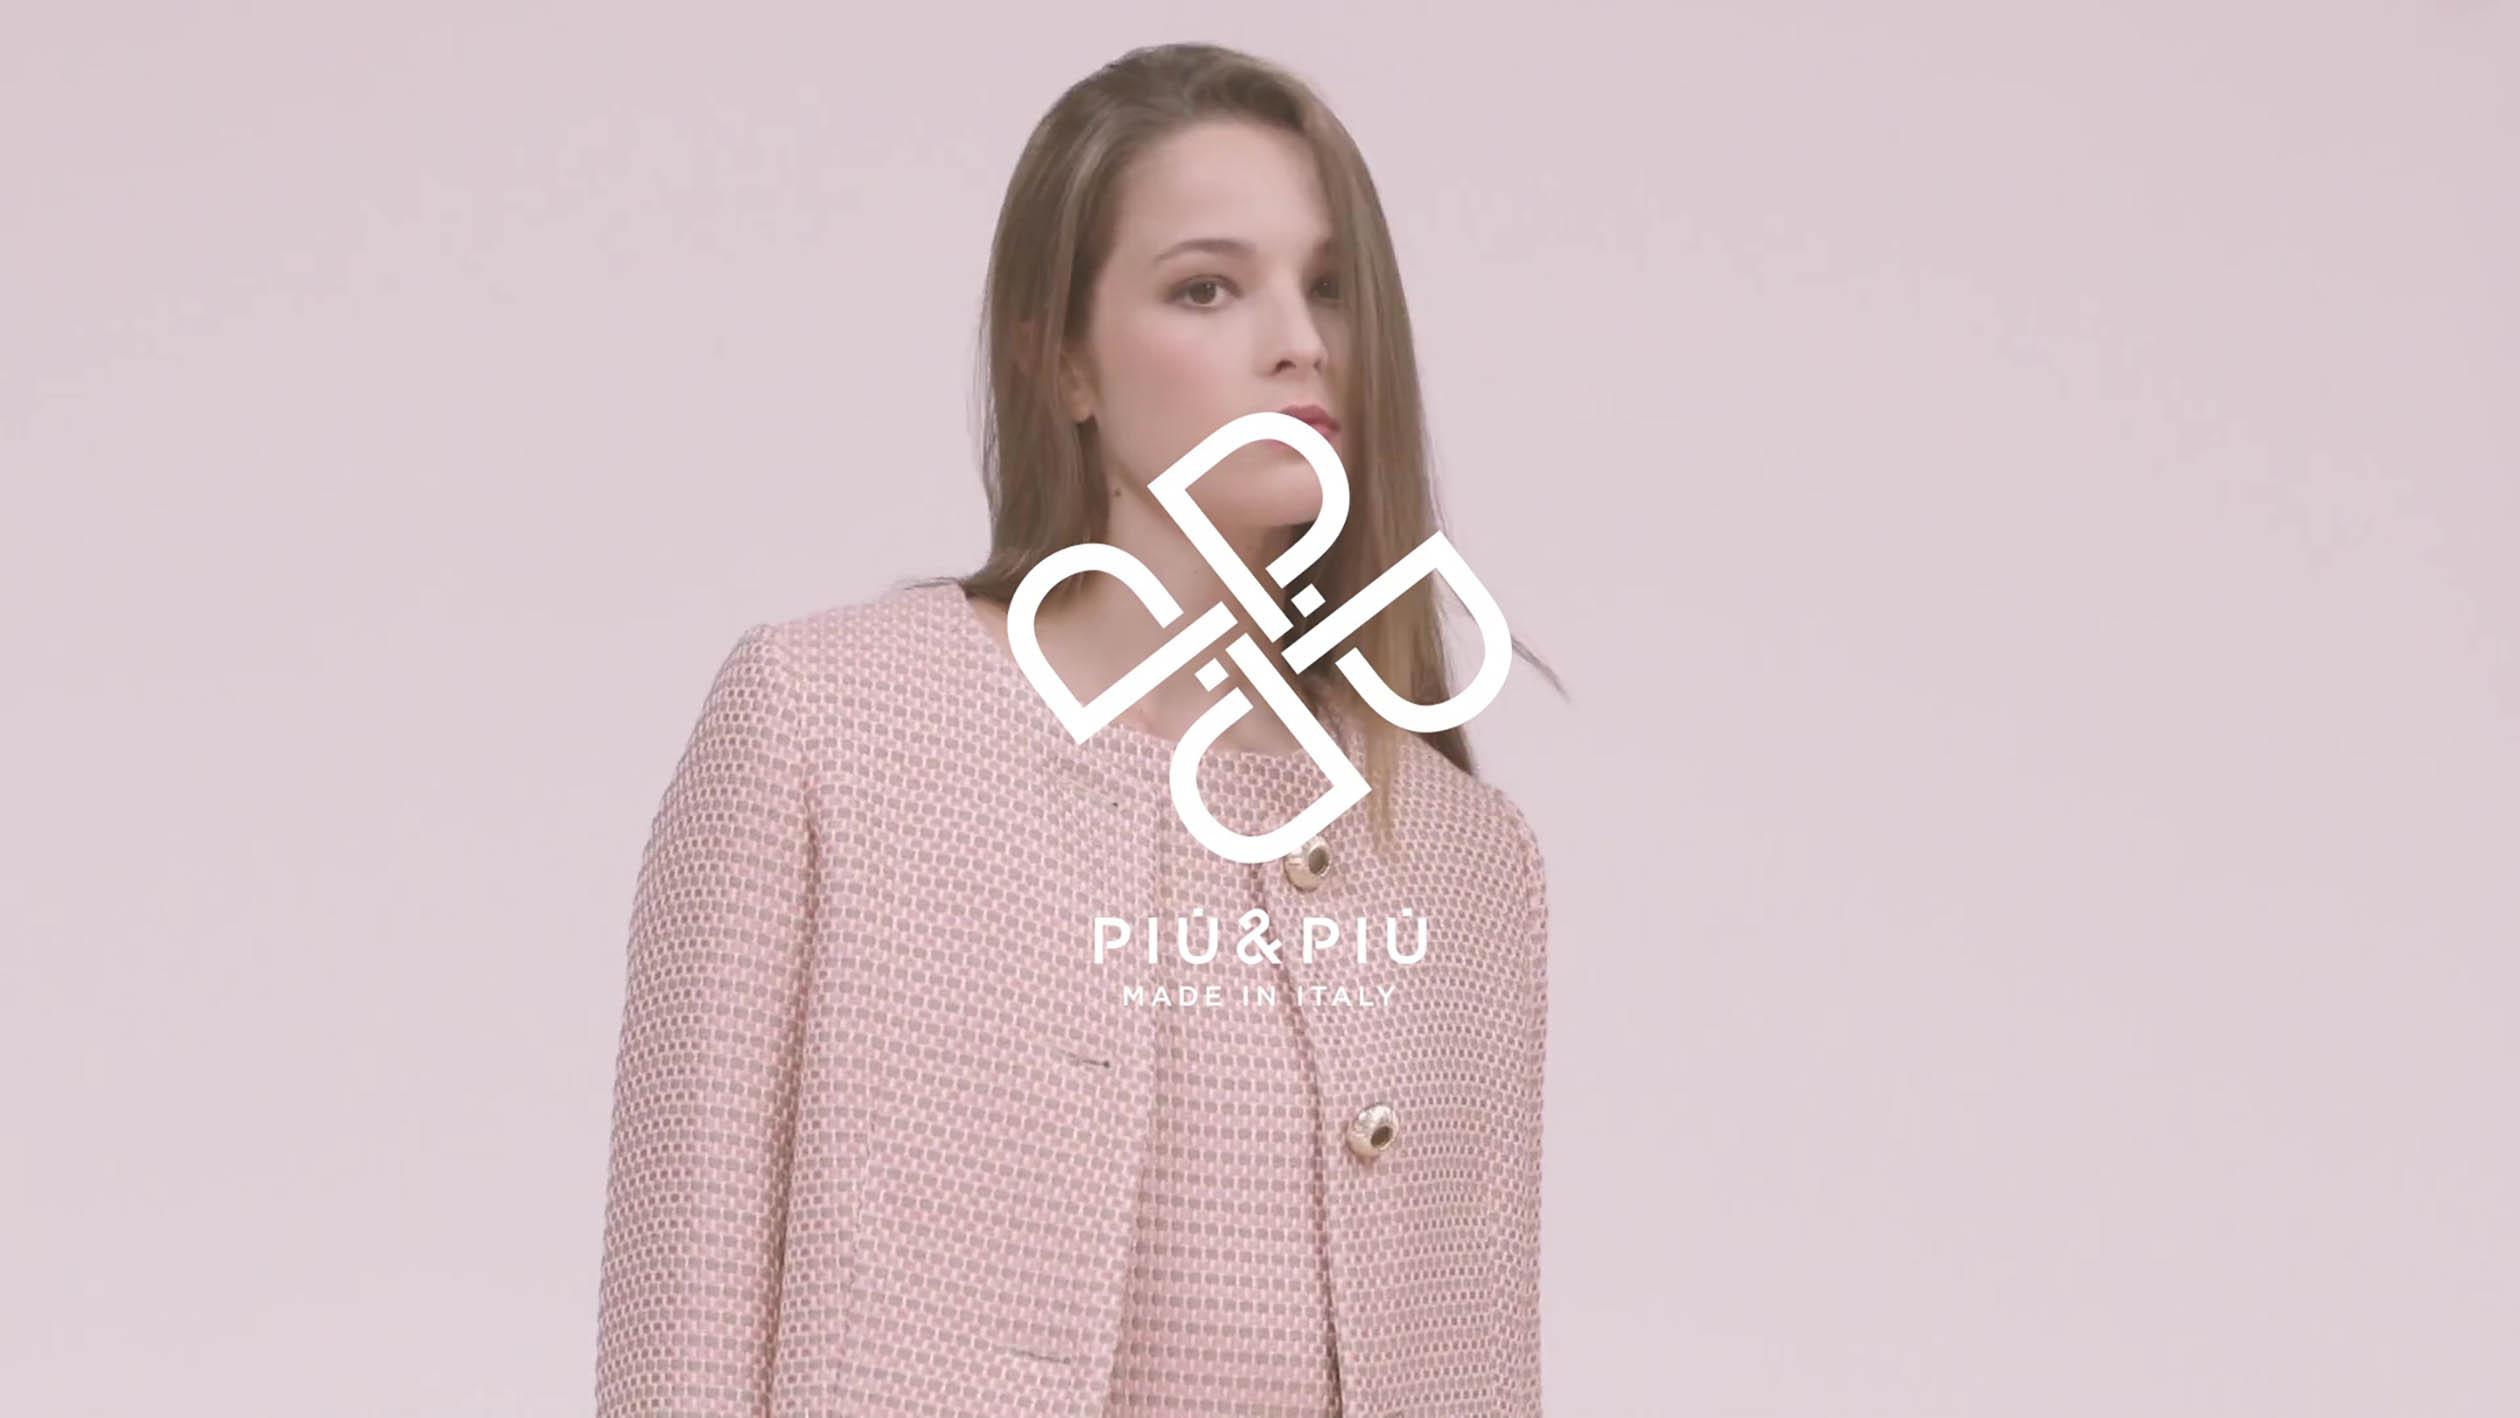 piupiu-video-banner-2520